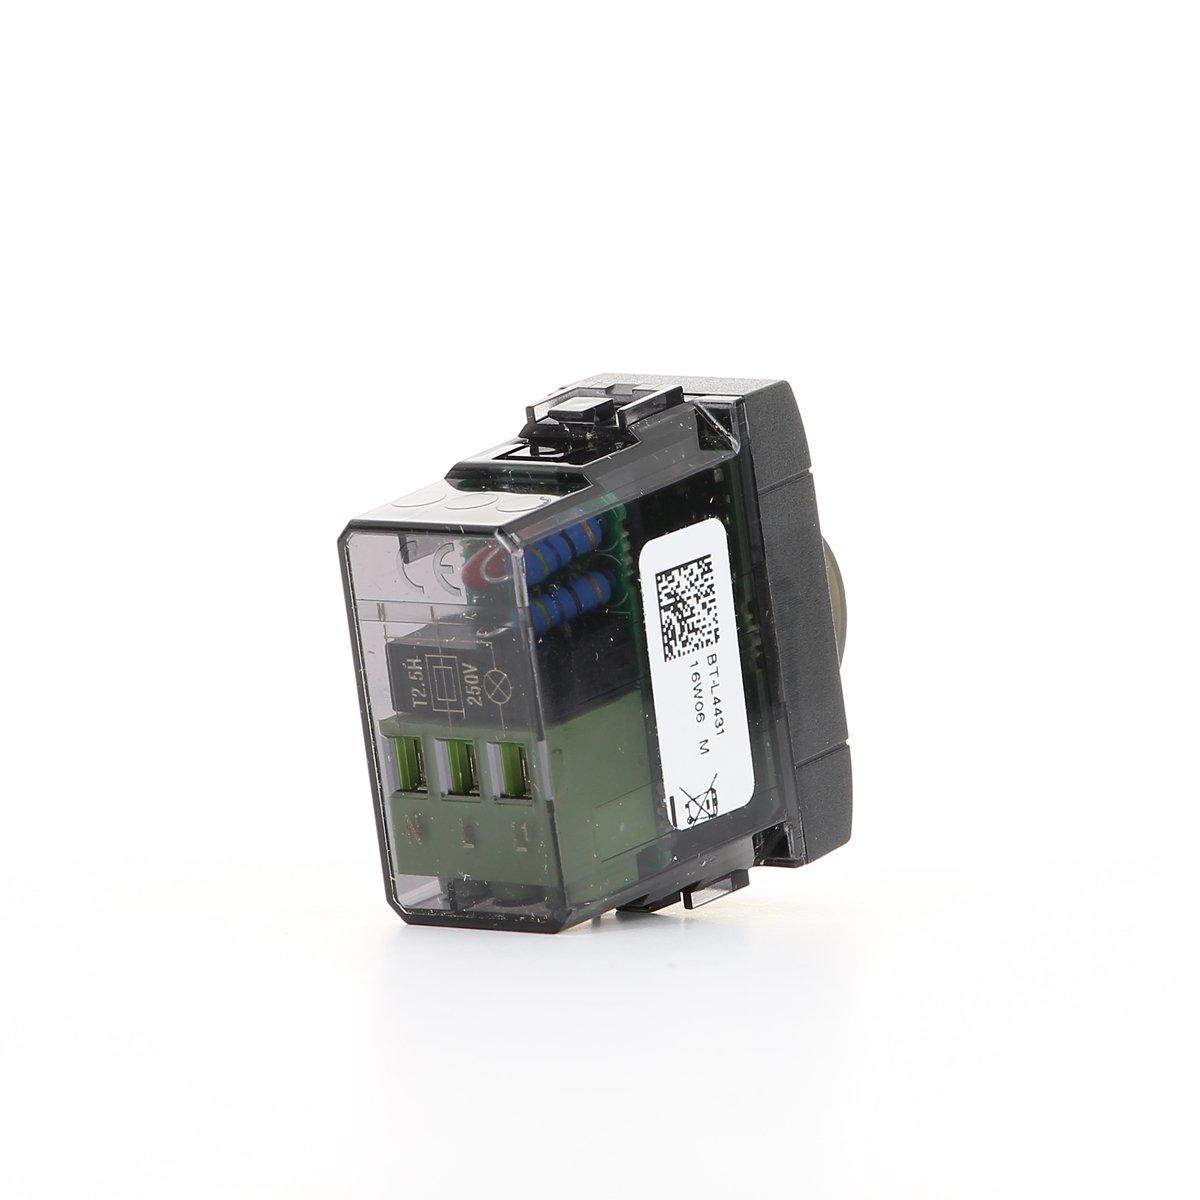 Bticino livinglight - Interruptor infrarrojos pasivos 200w living internacional: Amazon.es: Bricolaje y herramientas